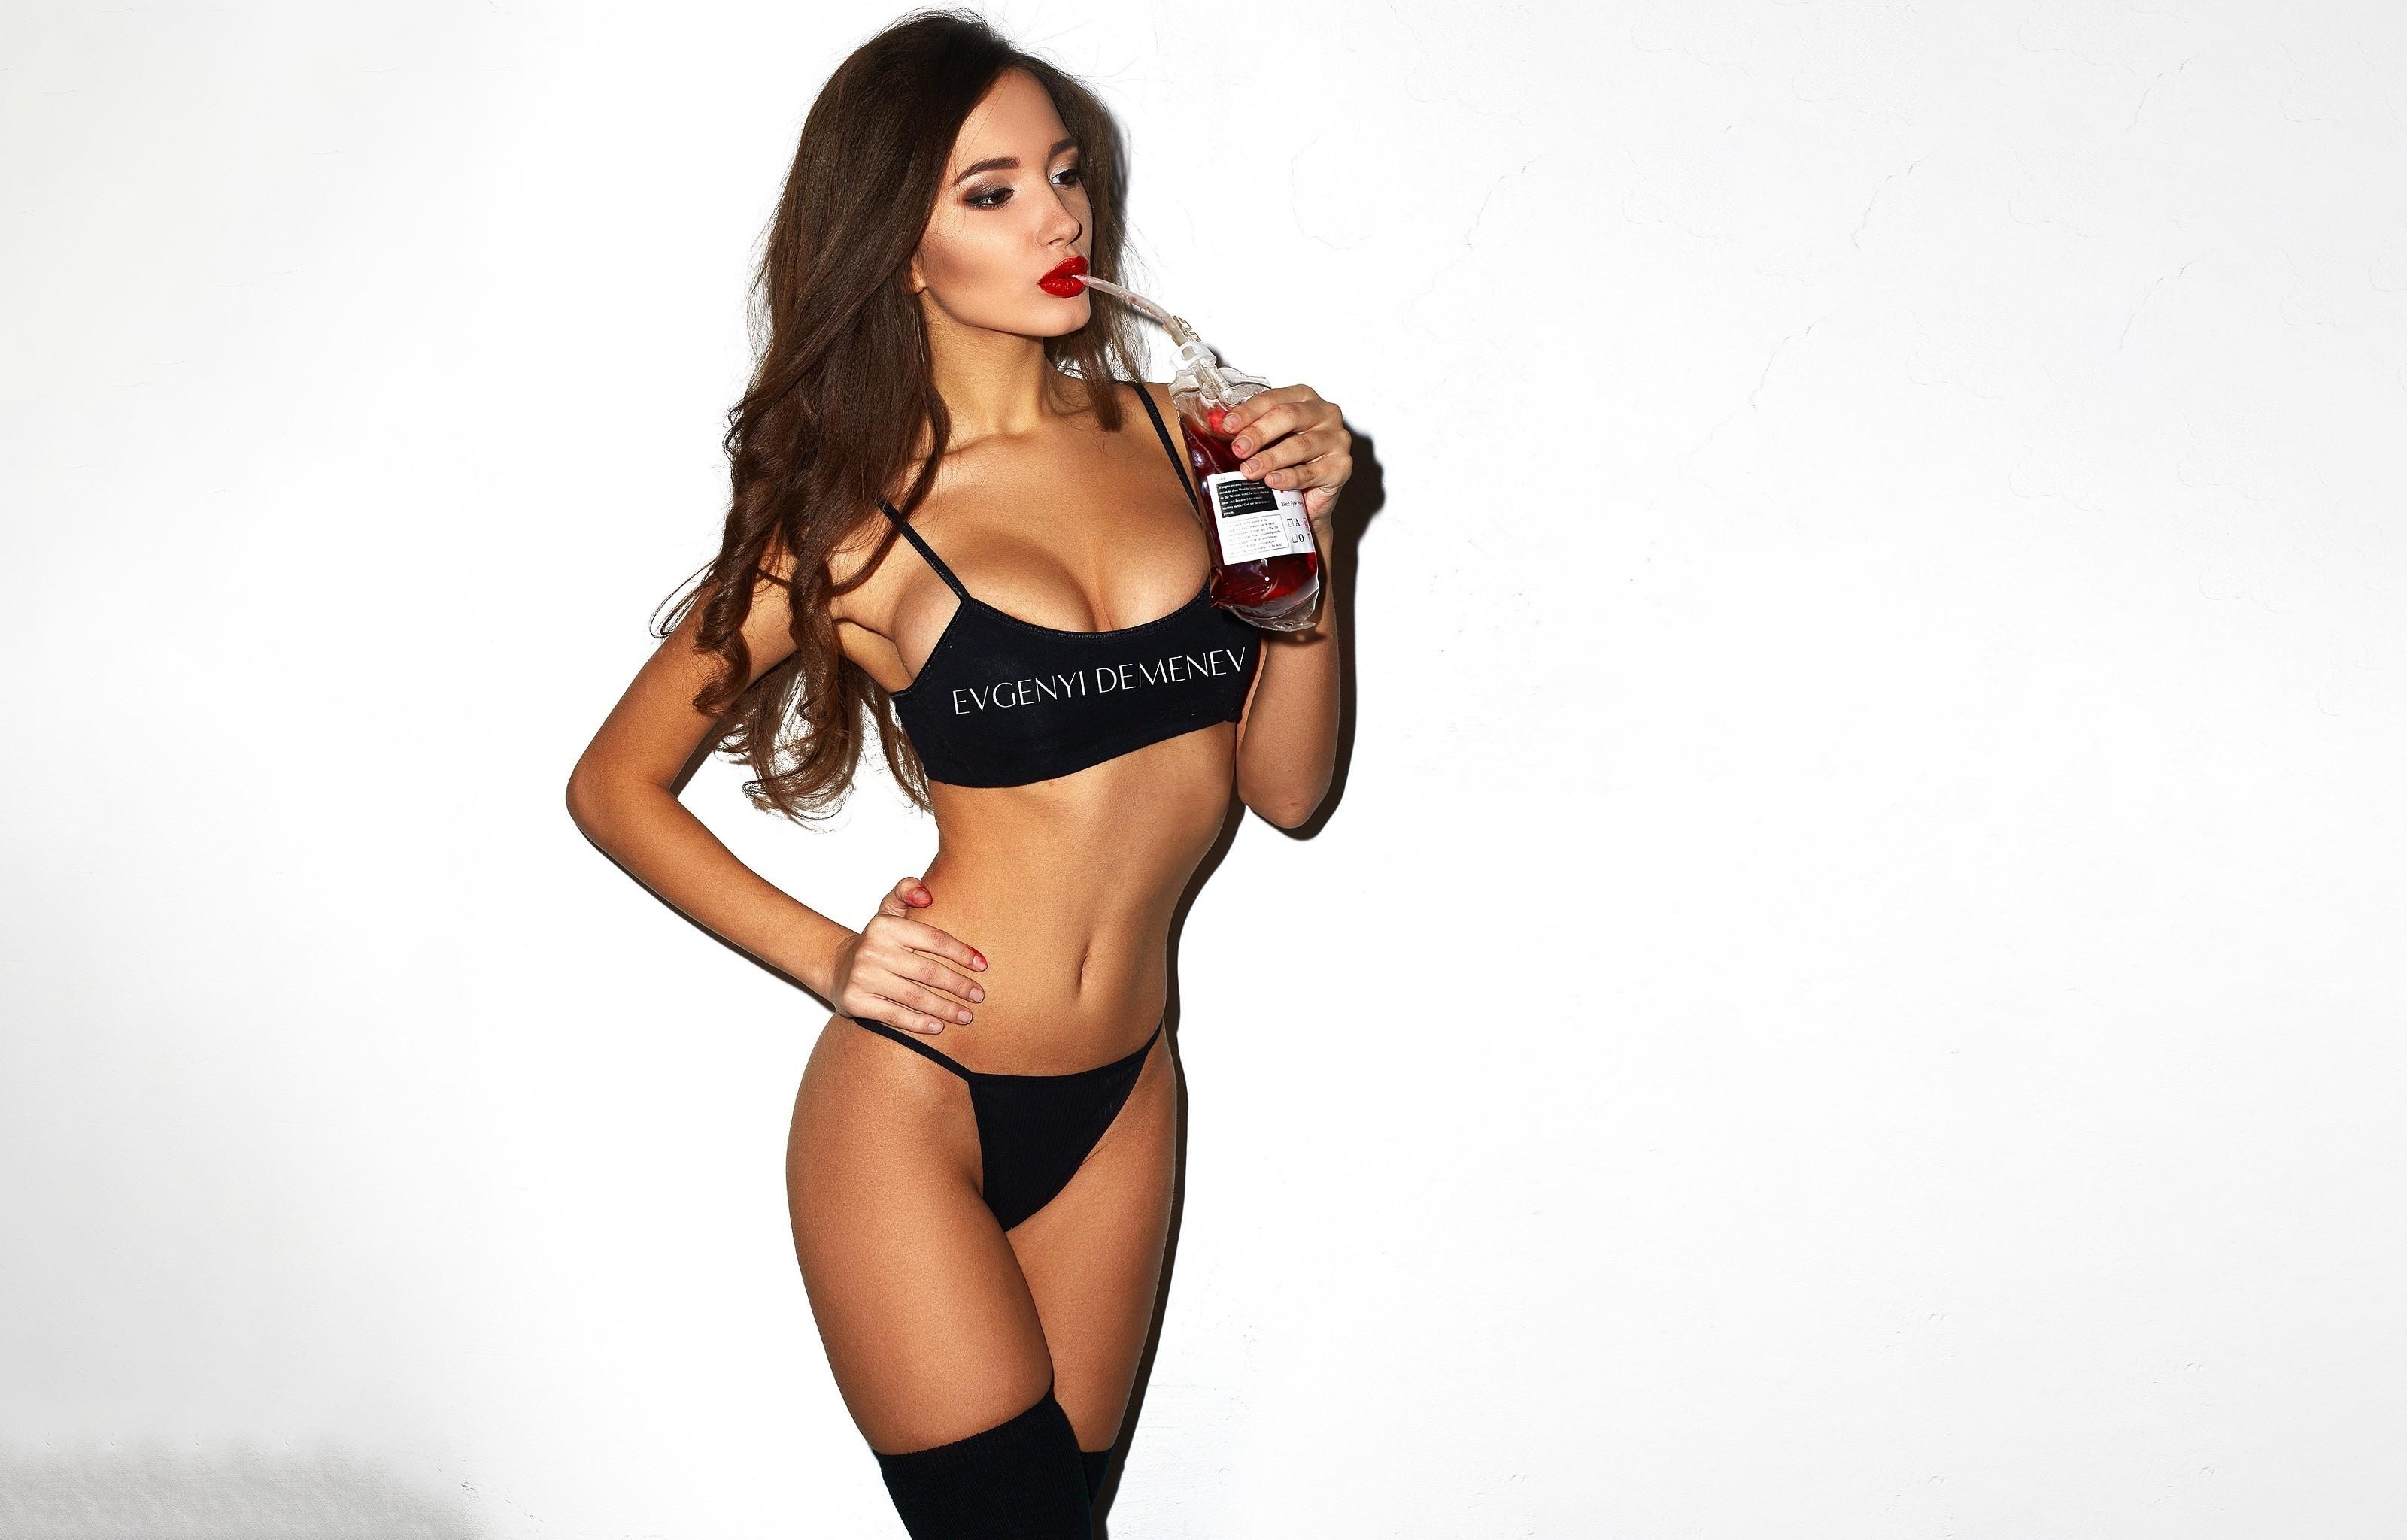 Фото Сексуальная девушка сосет кровь из донорского пакета, черный лифчик, трусики, гольфы, классная грудь, секси брюнетка, красные губки, скачать картинку бесплатно